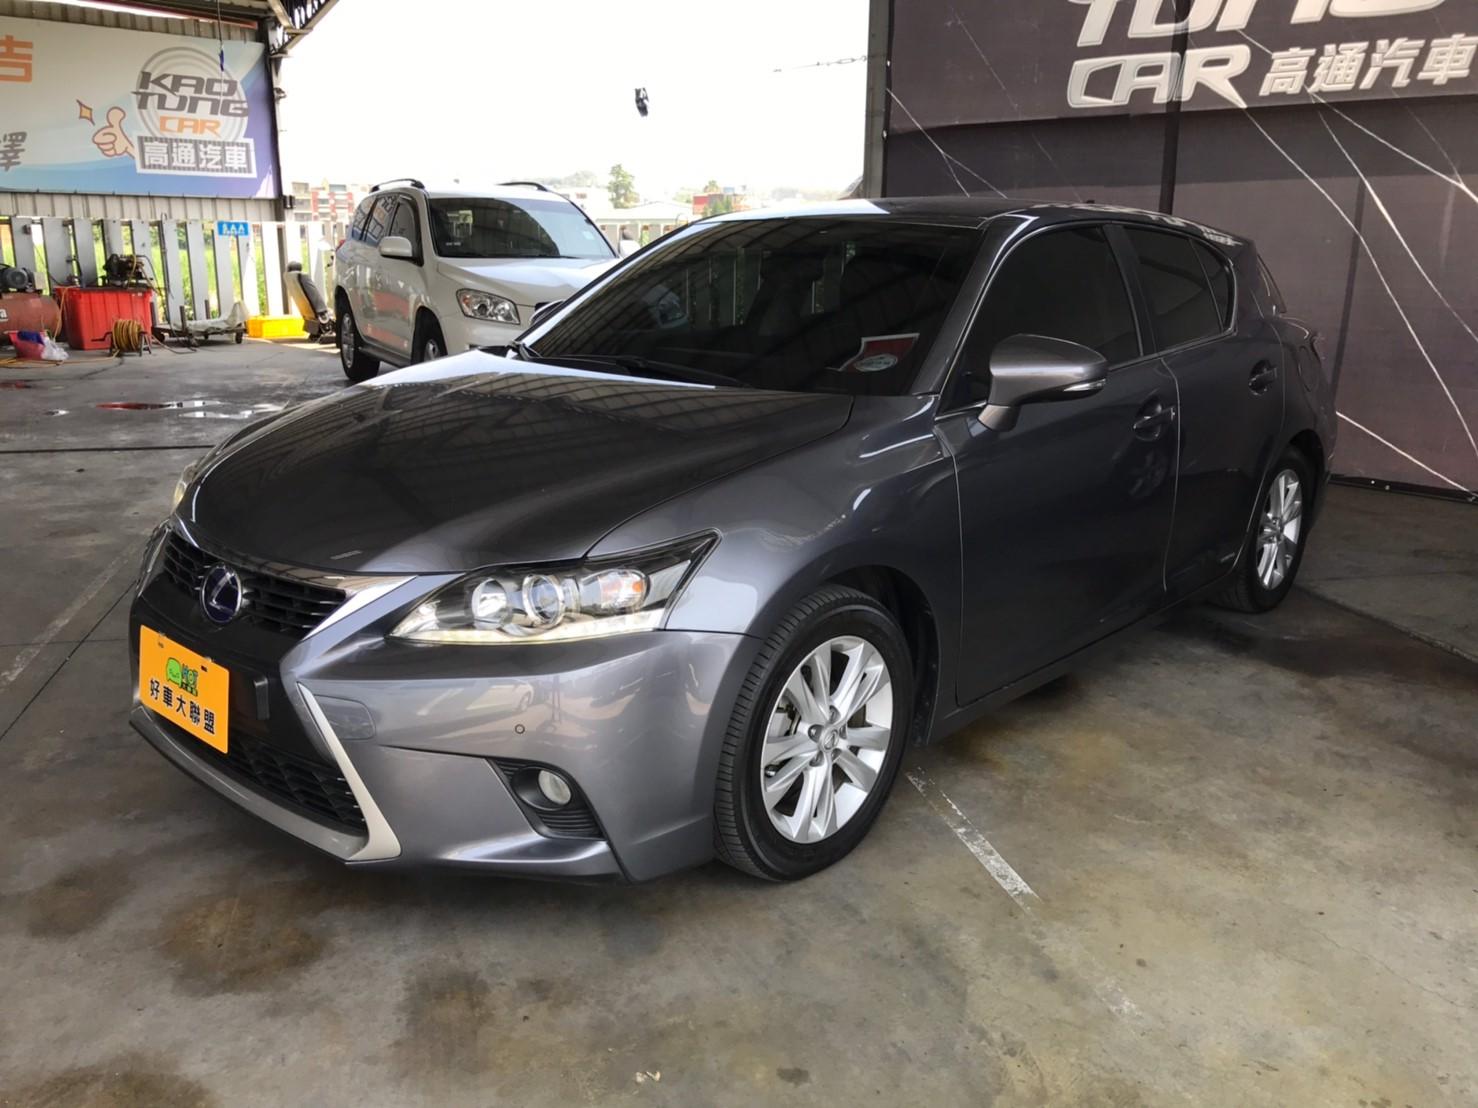 2014 Lexus 凌志 Ct